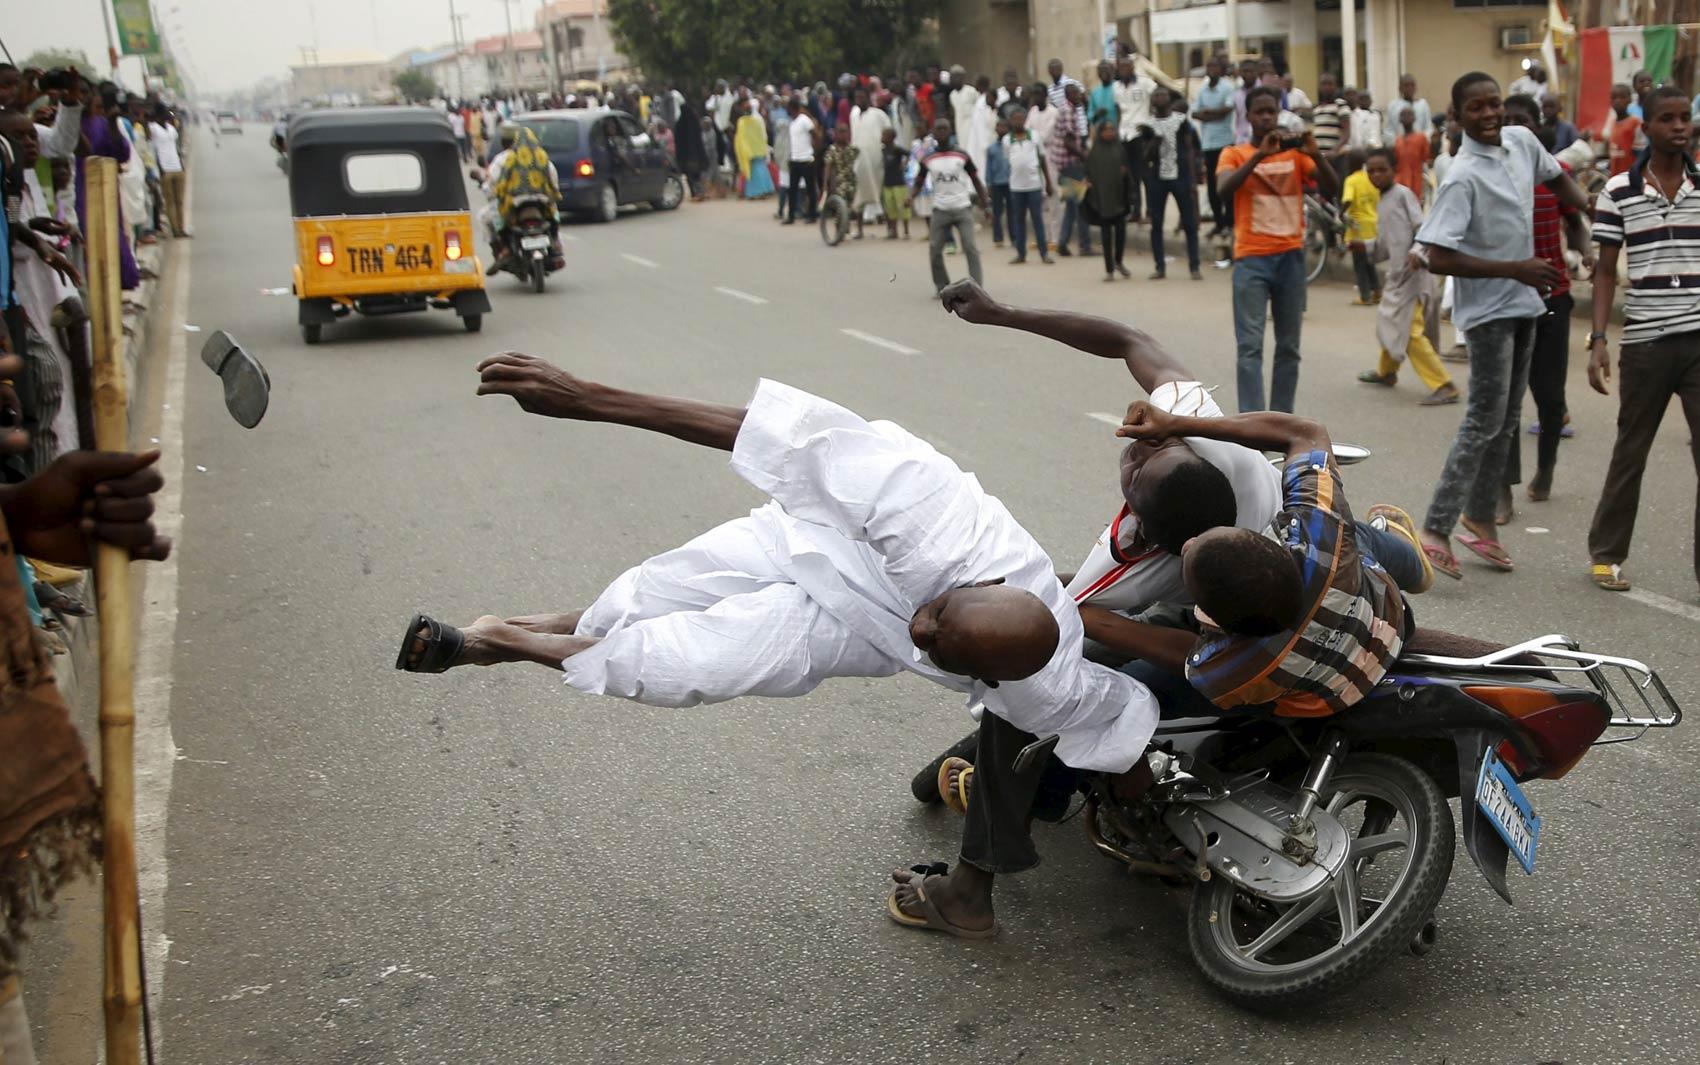 Apoiadores do candidato à presidência da Nigéria Muhammadu Buhari atropelam um colega que também festejava nas ruas em Kano, após o partido de Buhari, o opositor APC, declarar a vitória ante Goodluck Jonathan. Não foi divulgado se os envolvidos se feriram